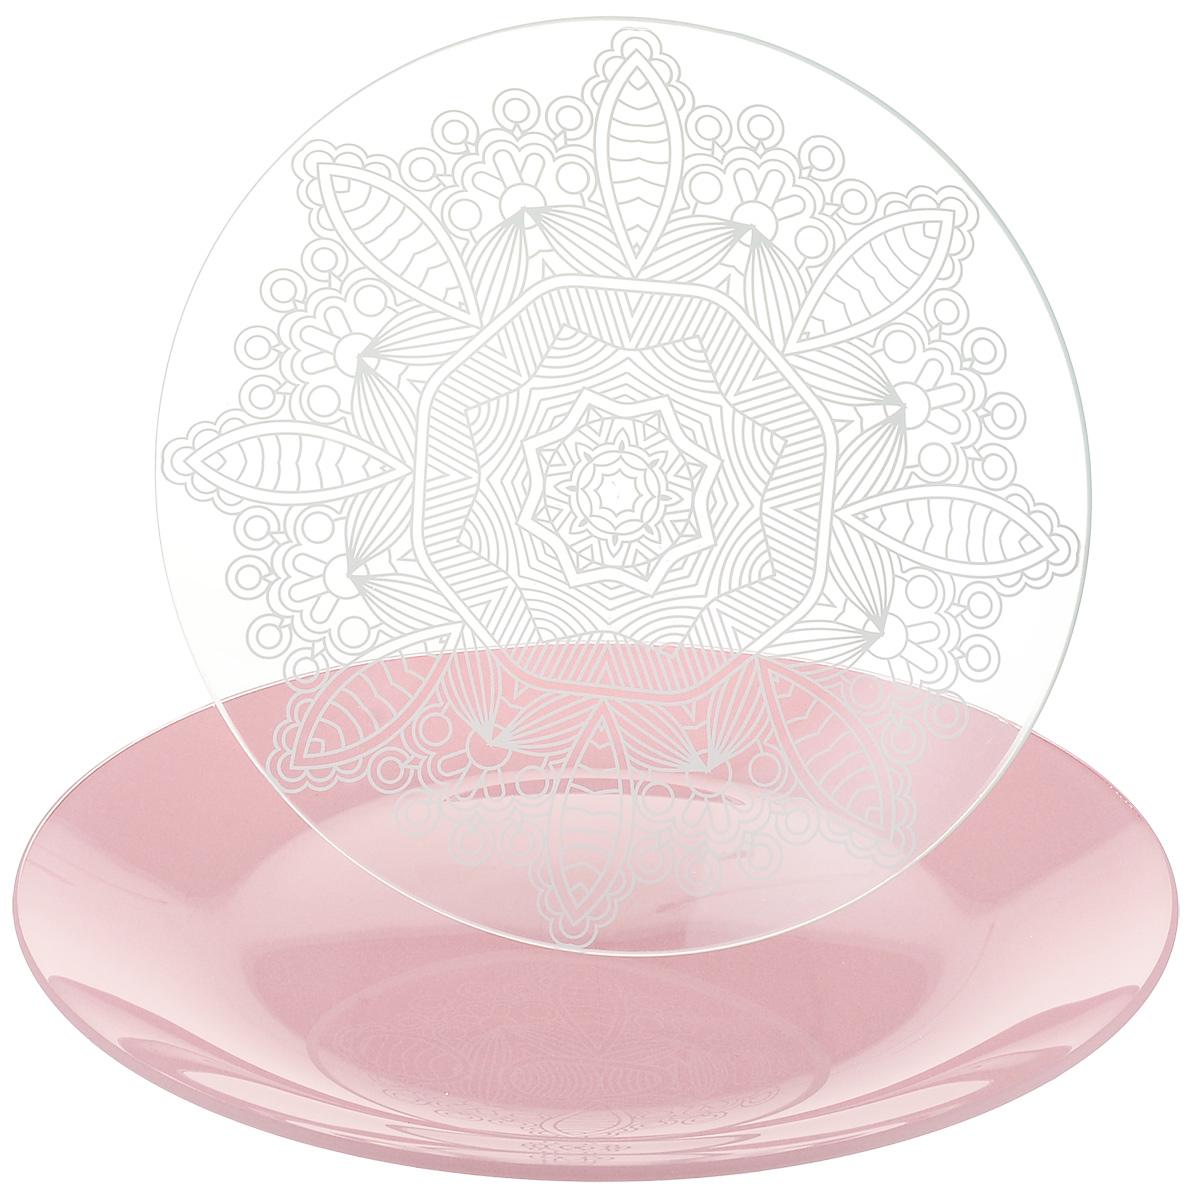 Набор тарелок NiNaGlass, цвет: розовый, диаметр 20 см, 2 шт85-200-149псрНабор тарелок NiNaGlass Кружево и Палитра выполнена из высококачественного стекла, декорирована под Вологодское кружево и подстановочная тарелка яркий насыщенный цвет. Набор идеален для подачи горячих блюд, сервировки праздничного стола, нарезок, салатов, овощей и фруктов. Он отлично подойдет как для повседневных, так и для торжественных случаев. Такой набор прекрасно впишется в интерьер вашей кухни и станет достойным дополнением к кухонному инвентарю.